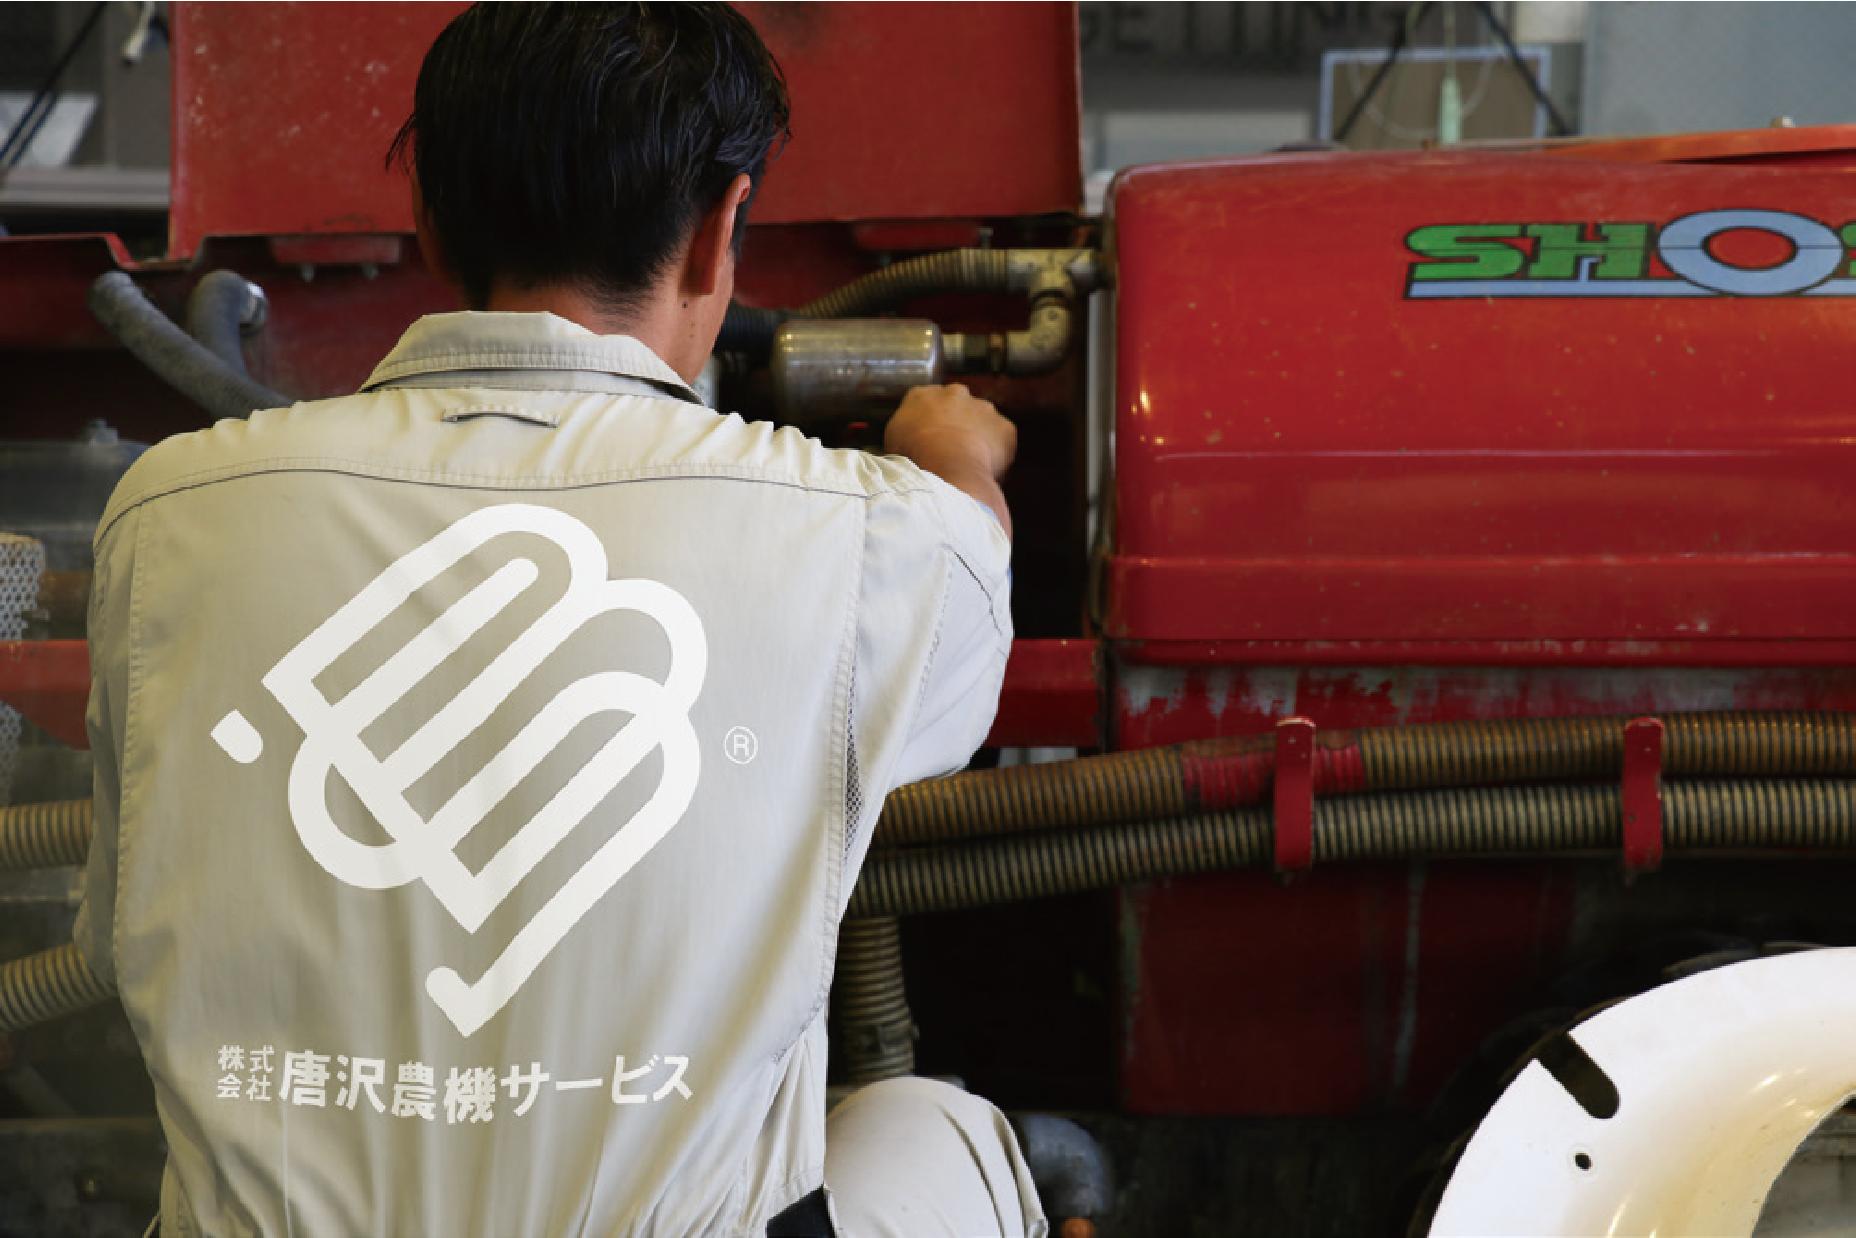 株式会社唐沢農機サービス 農機具の修理(持ち込み・出張)